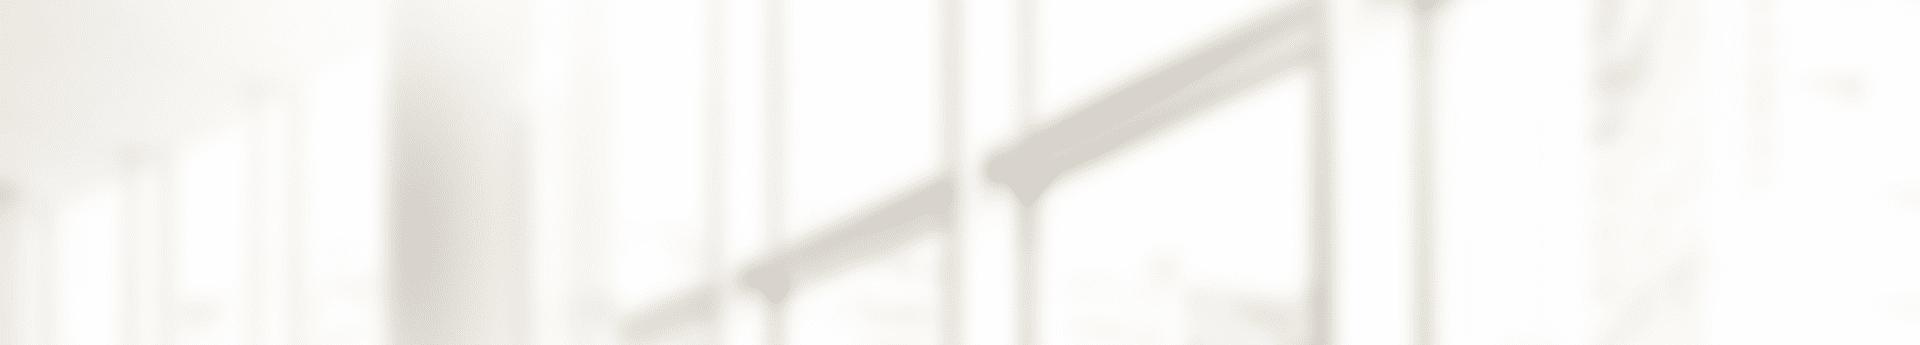 bg_light